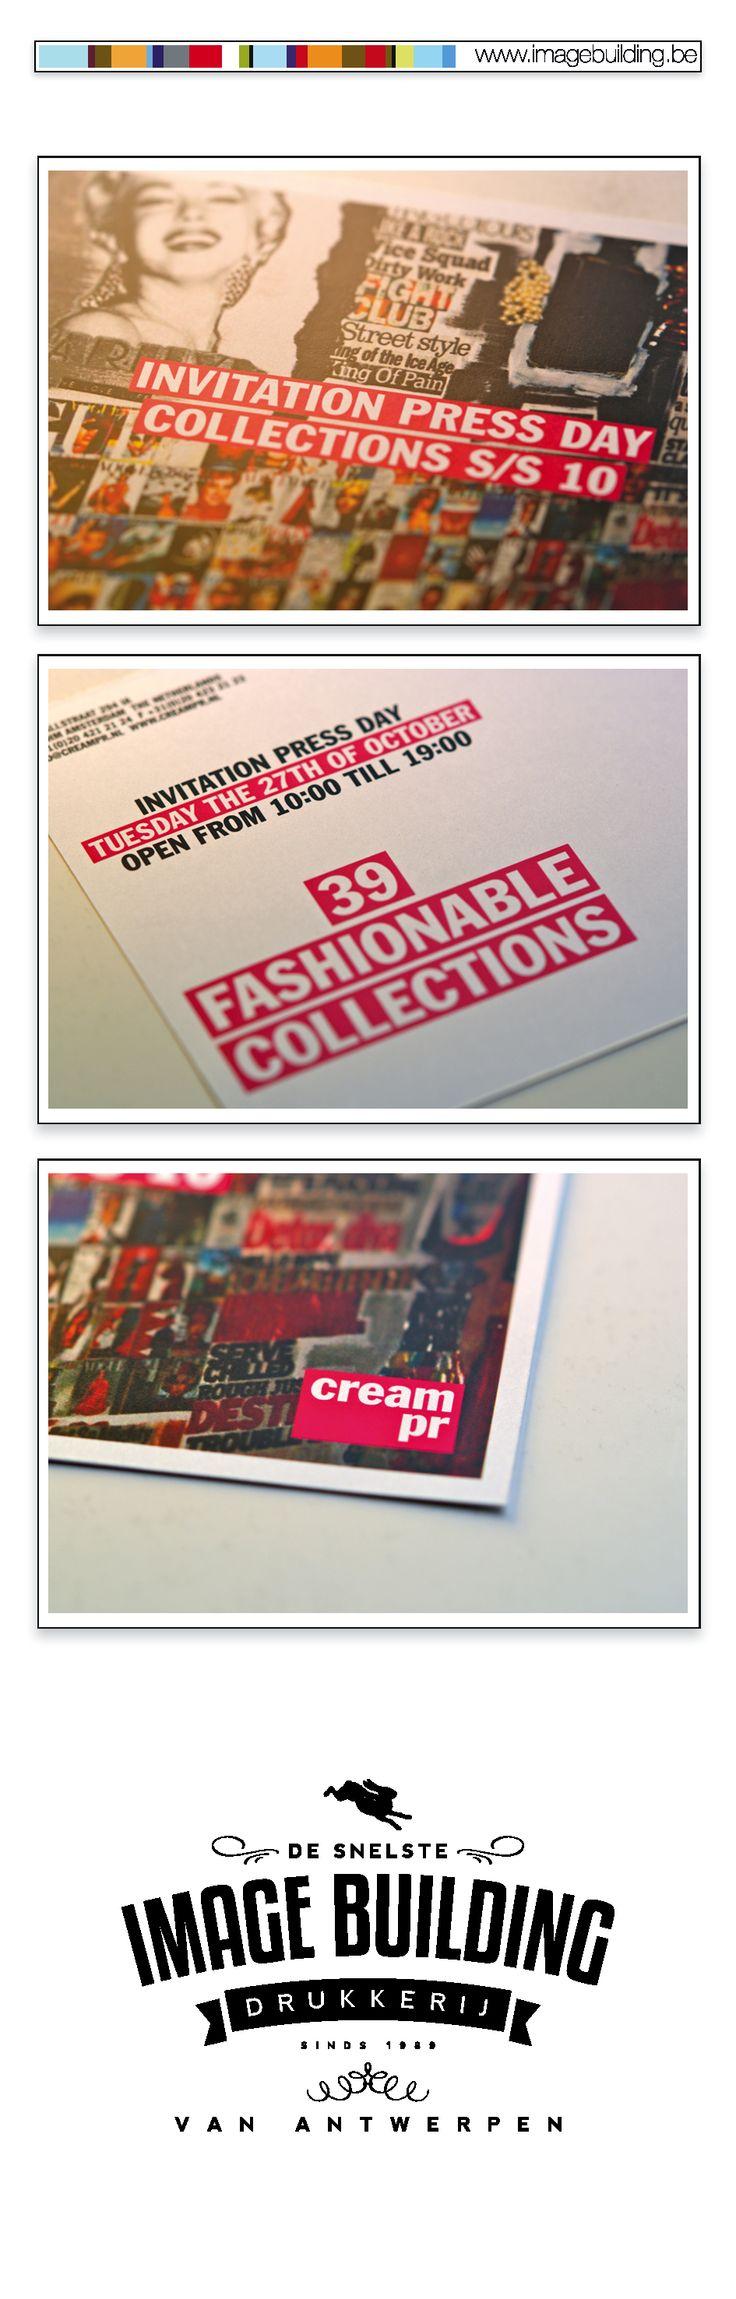 Drukwerk voor 'Cream PR'. Uitnodiging. Fiches. Persmap. Dossiers. Rollupbanners. Bashes. visitekaartjes. #imagebuildingnv #desnelstedrukkerijvanantwerpen #huisstijl #graphicdesign #grafisch #ontwerp #opmaak #drukwerk